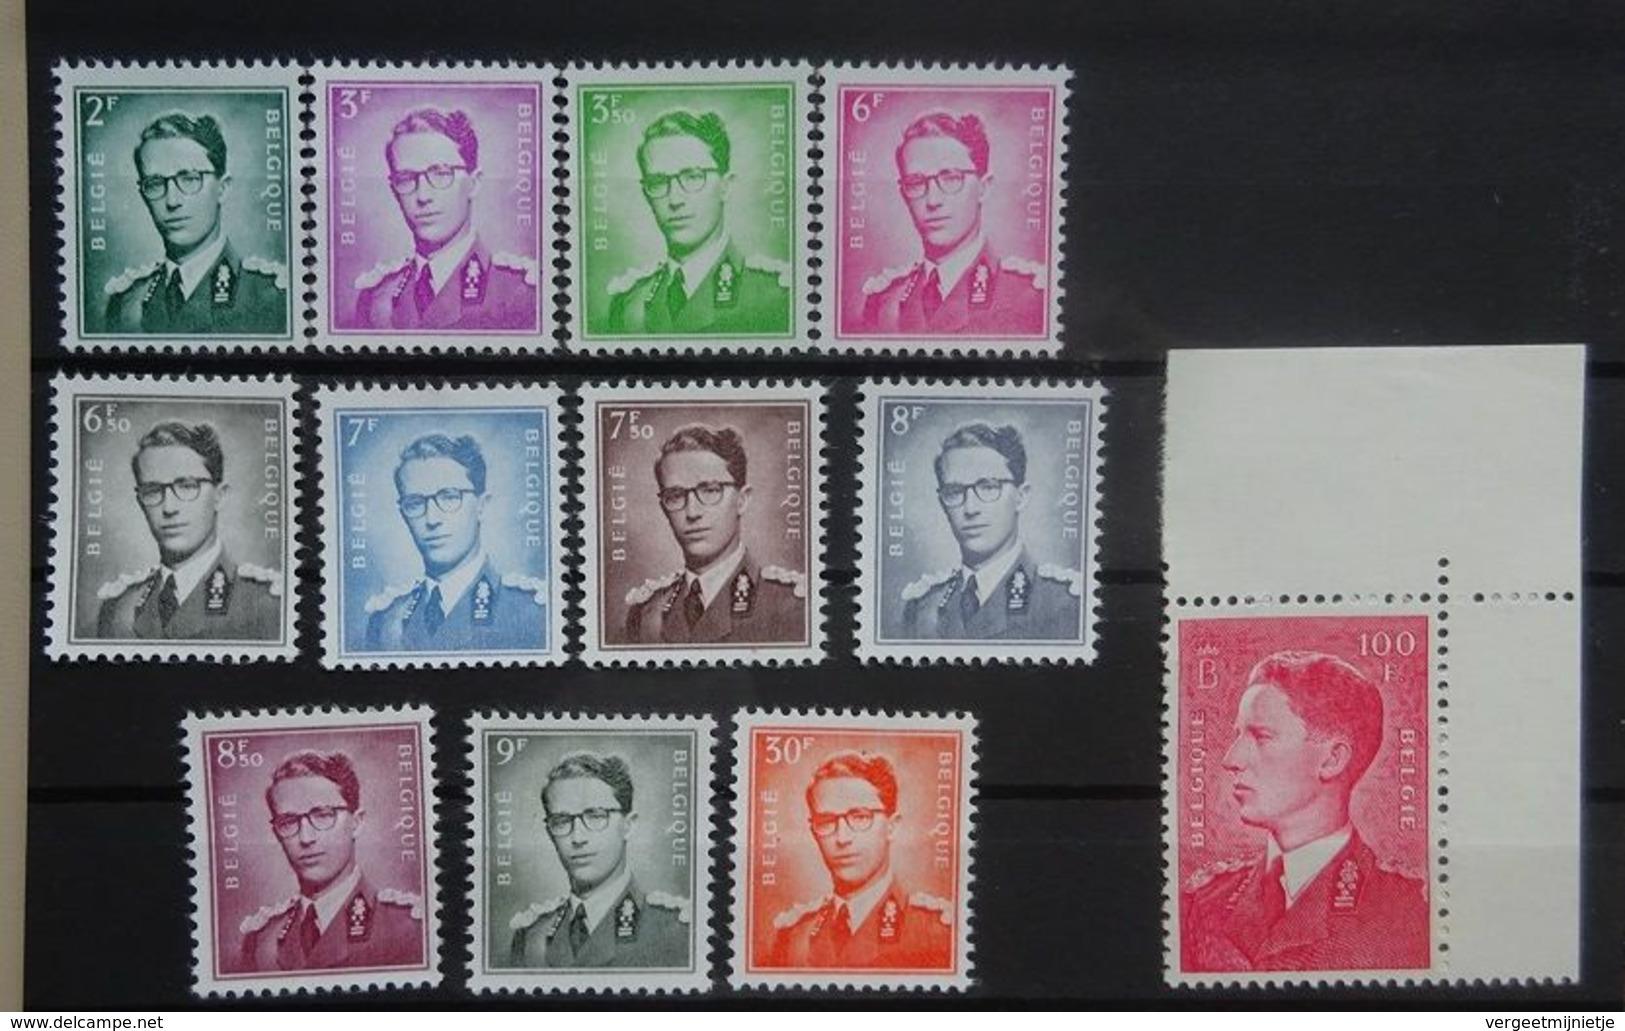 BELGIE 1958   Boudewijn Met Bril   Nr. 1066 - 1075   Postfris **    CW 365,00 - 1953-1972 Glasses